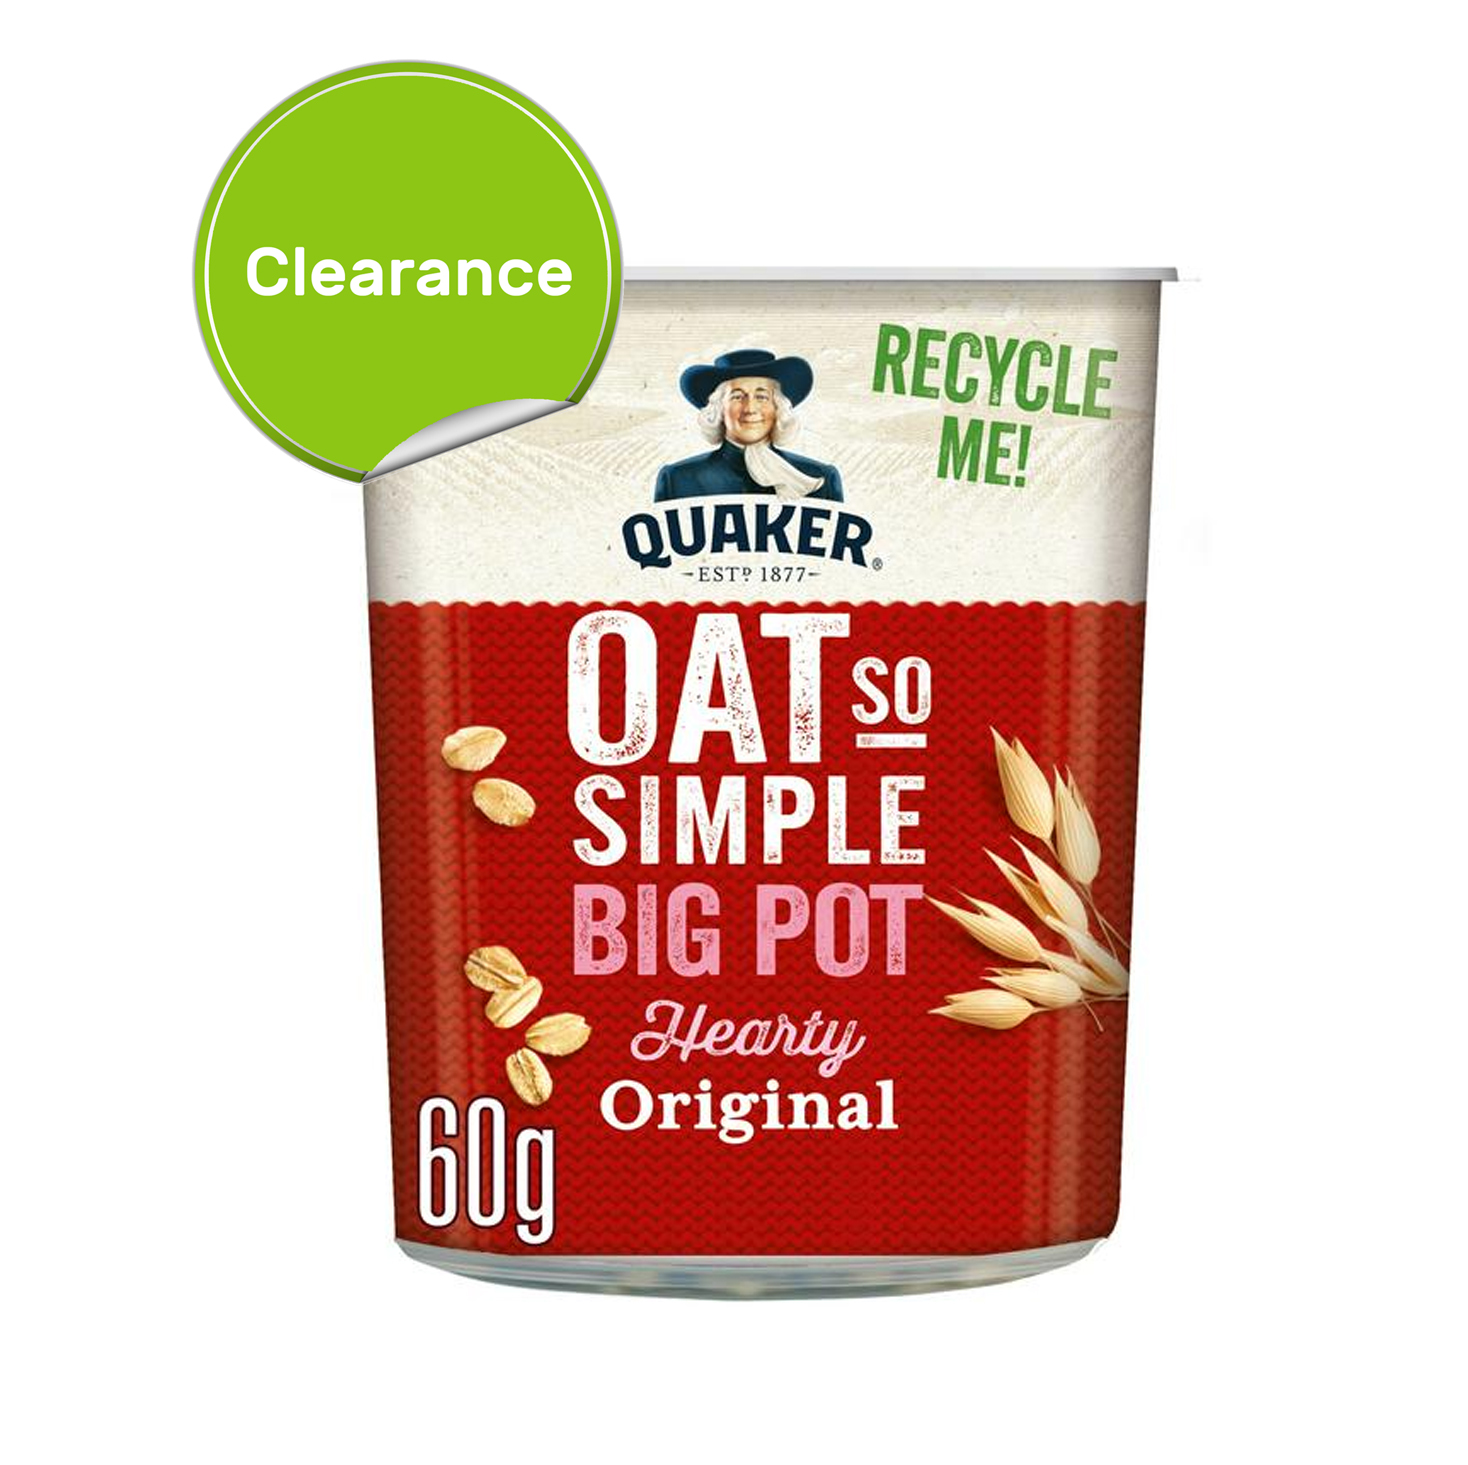 Best Before 31/07/2021 Quaker Oat so Simple Big Pot 60g